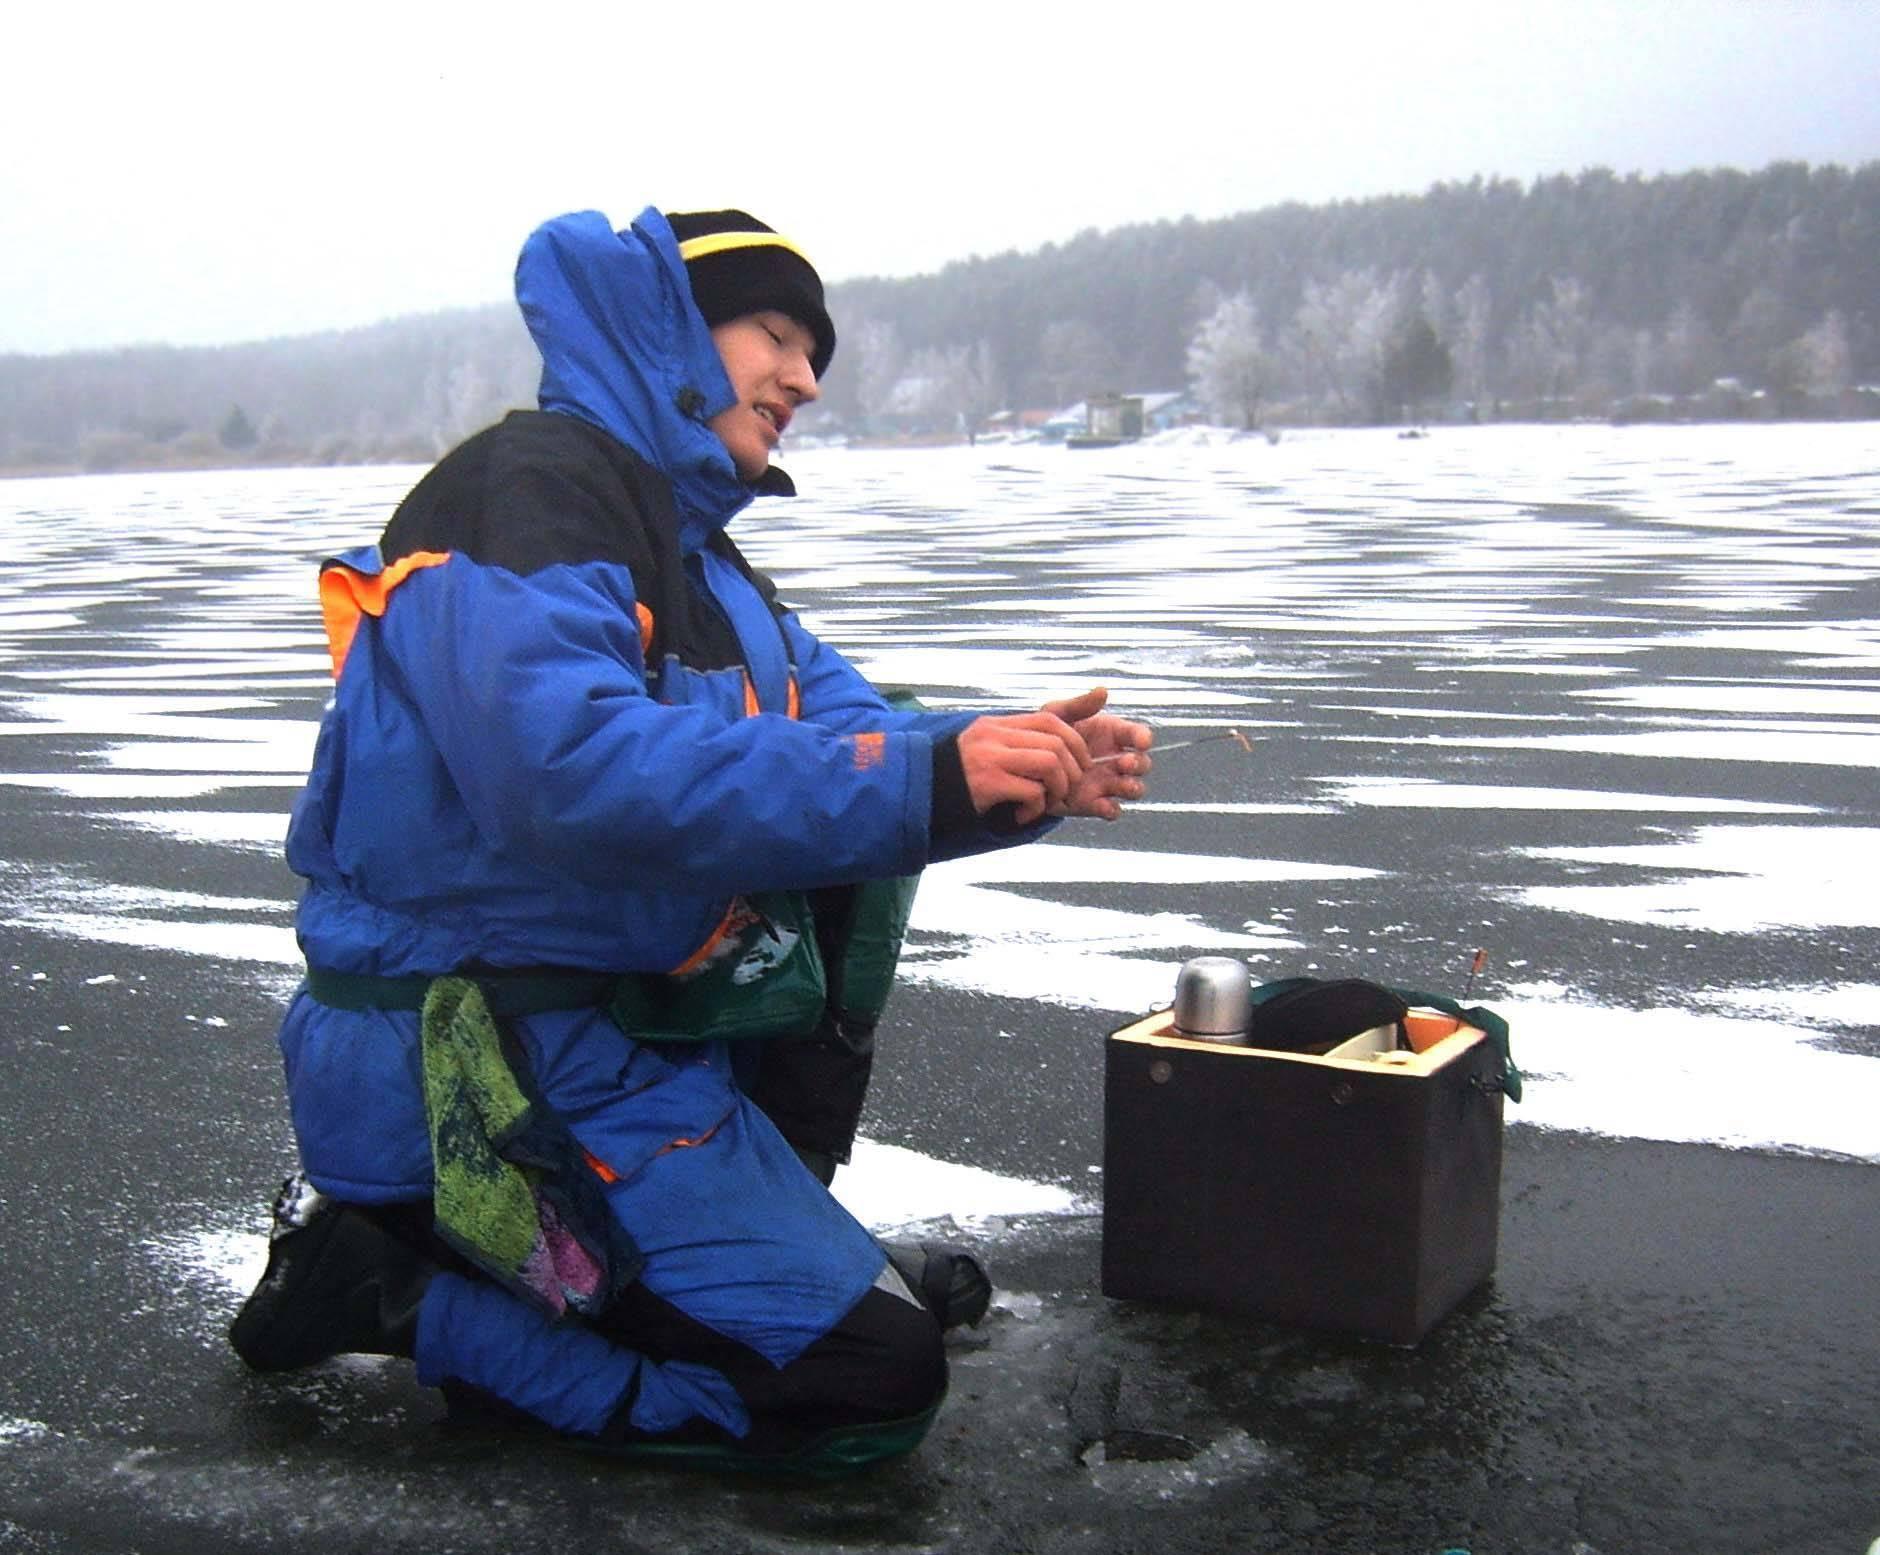 Зимняя рыбалка для начинающих: список необходимого снаряжения и экипировки, советы по подготовке